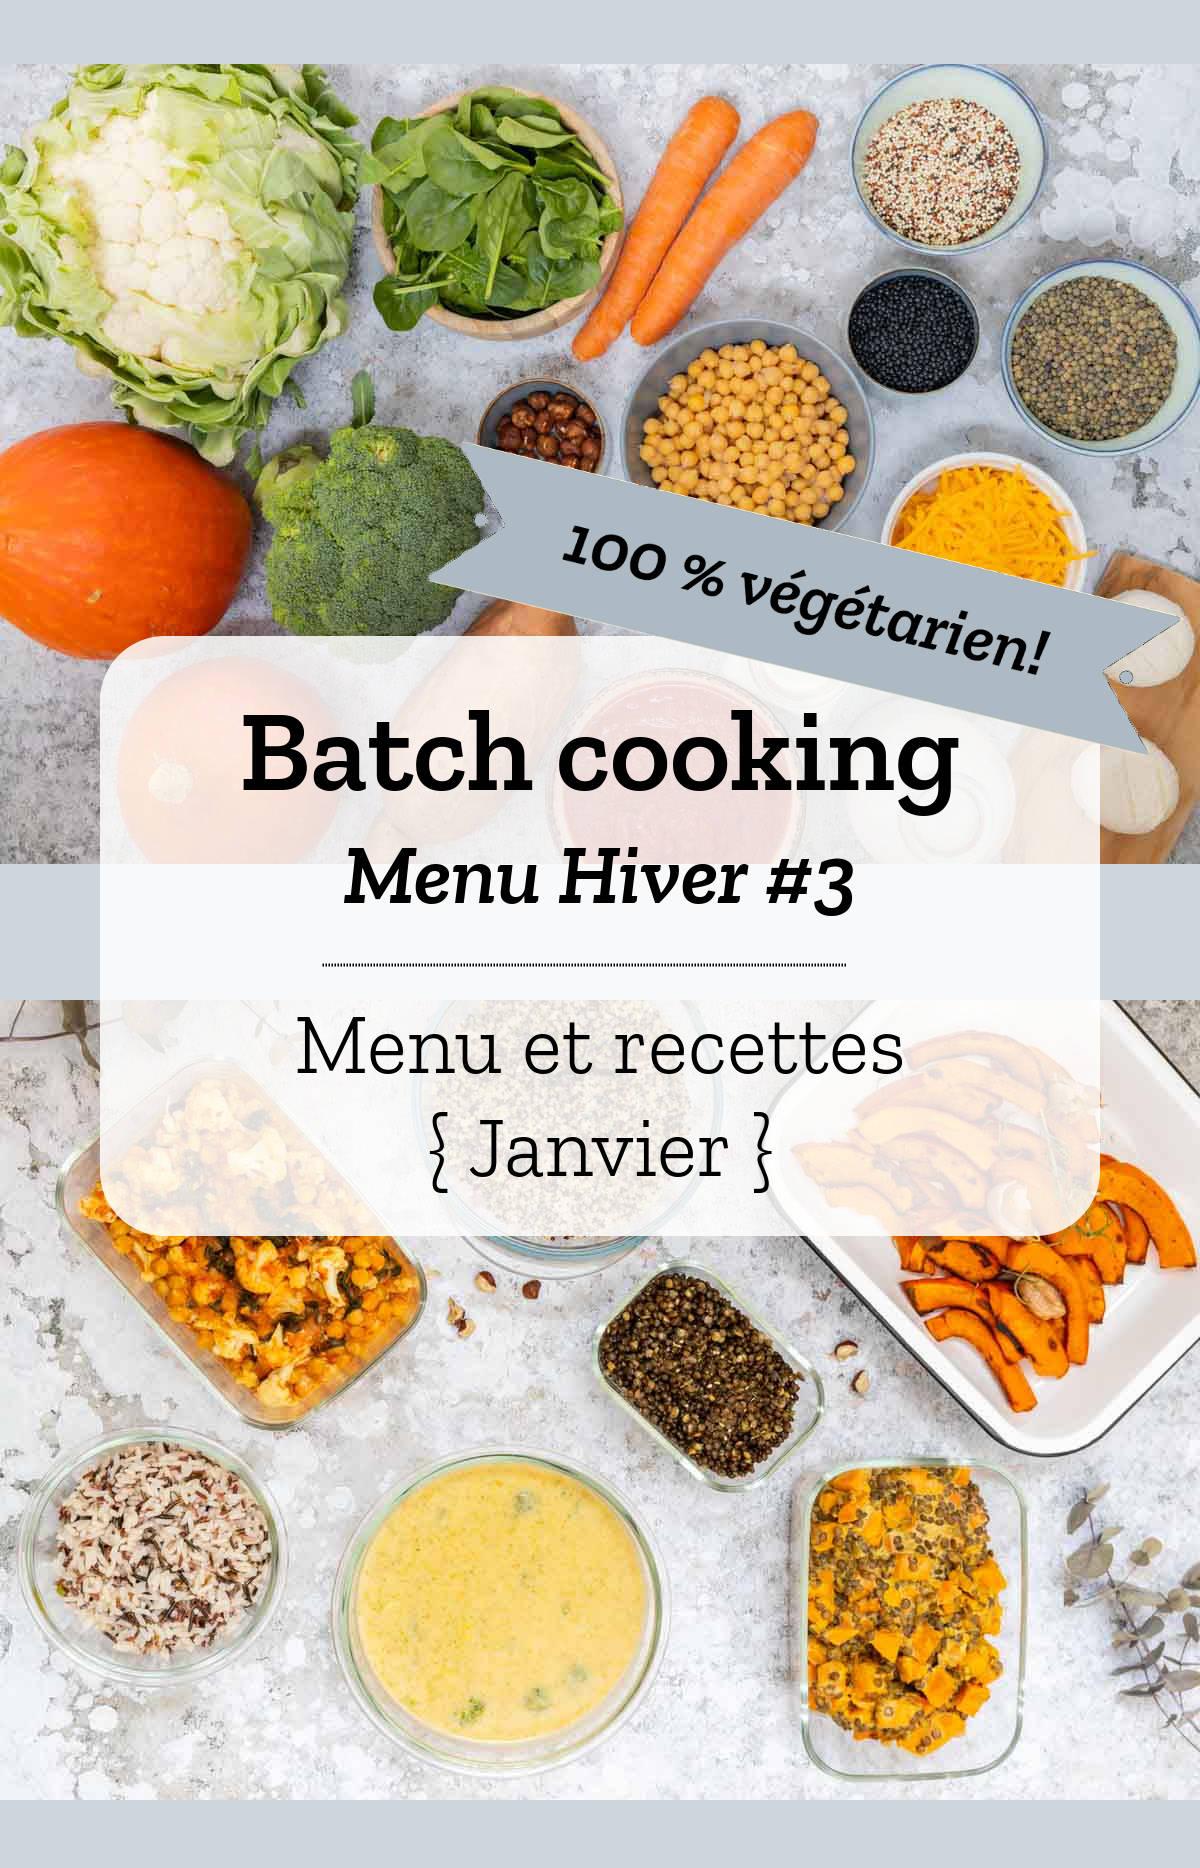 Batch cooking Hiver #3 - Mois de Janvier - Semaine 2 {Menu 100% végétarien}